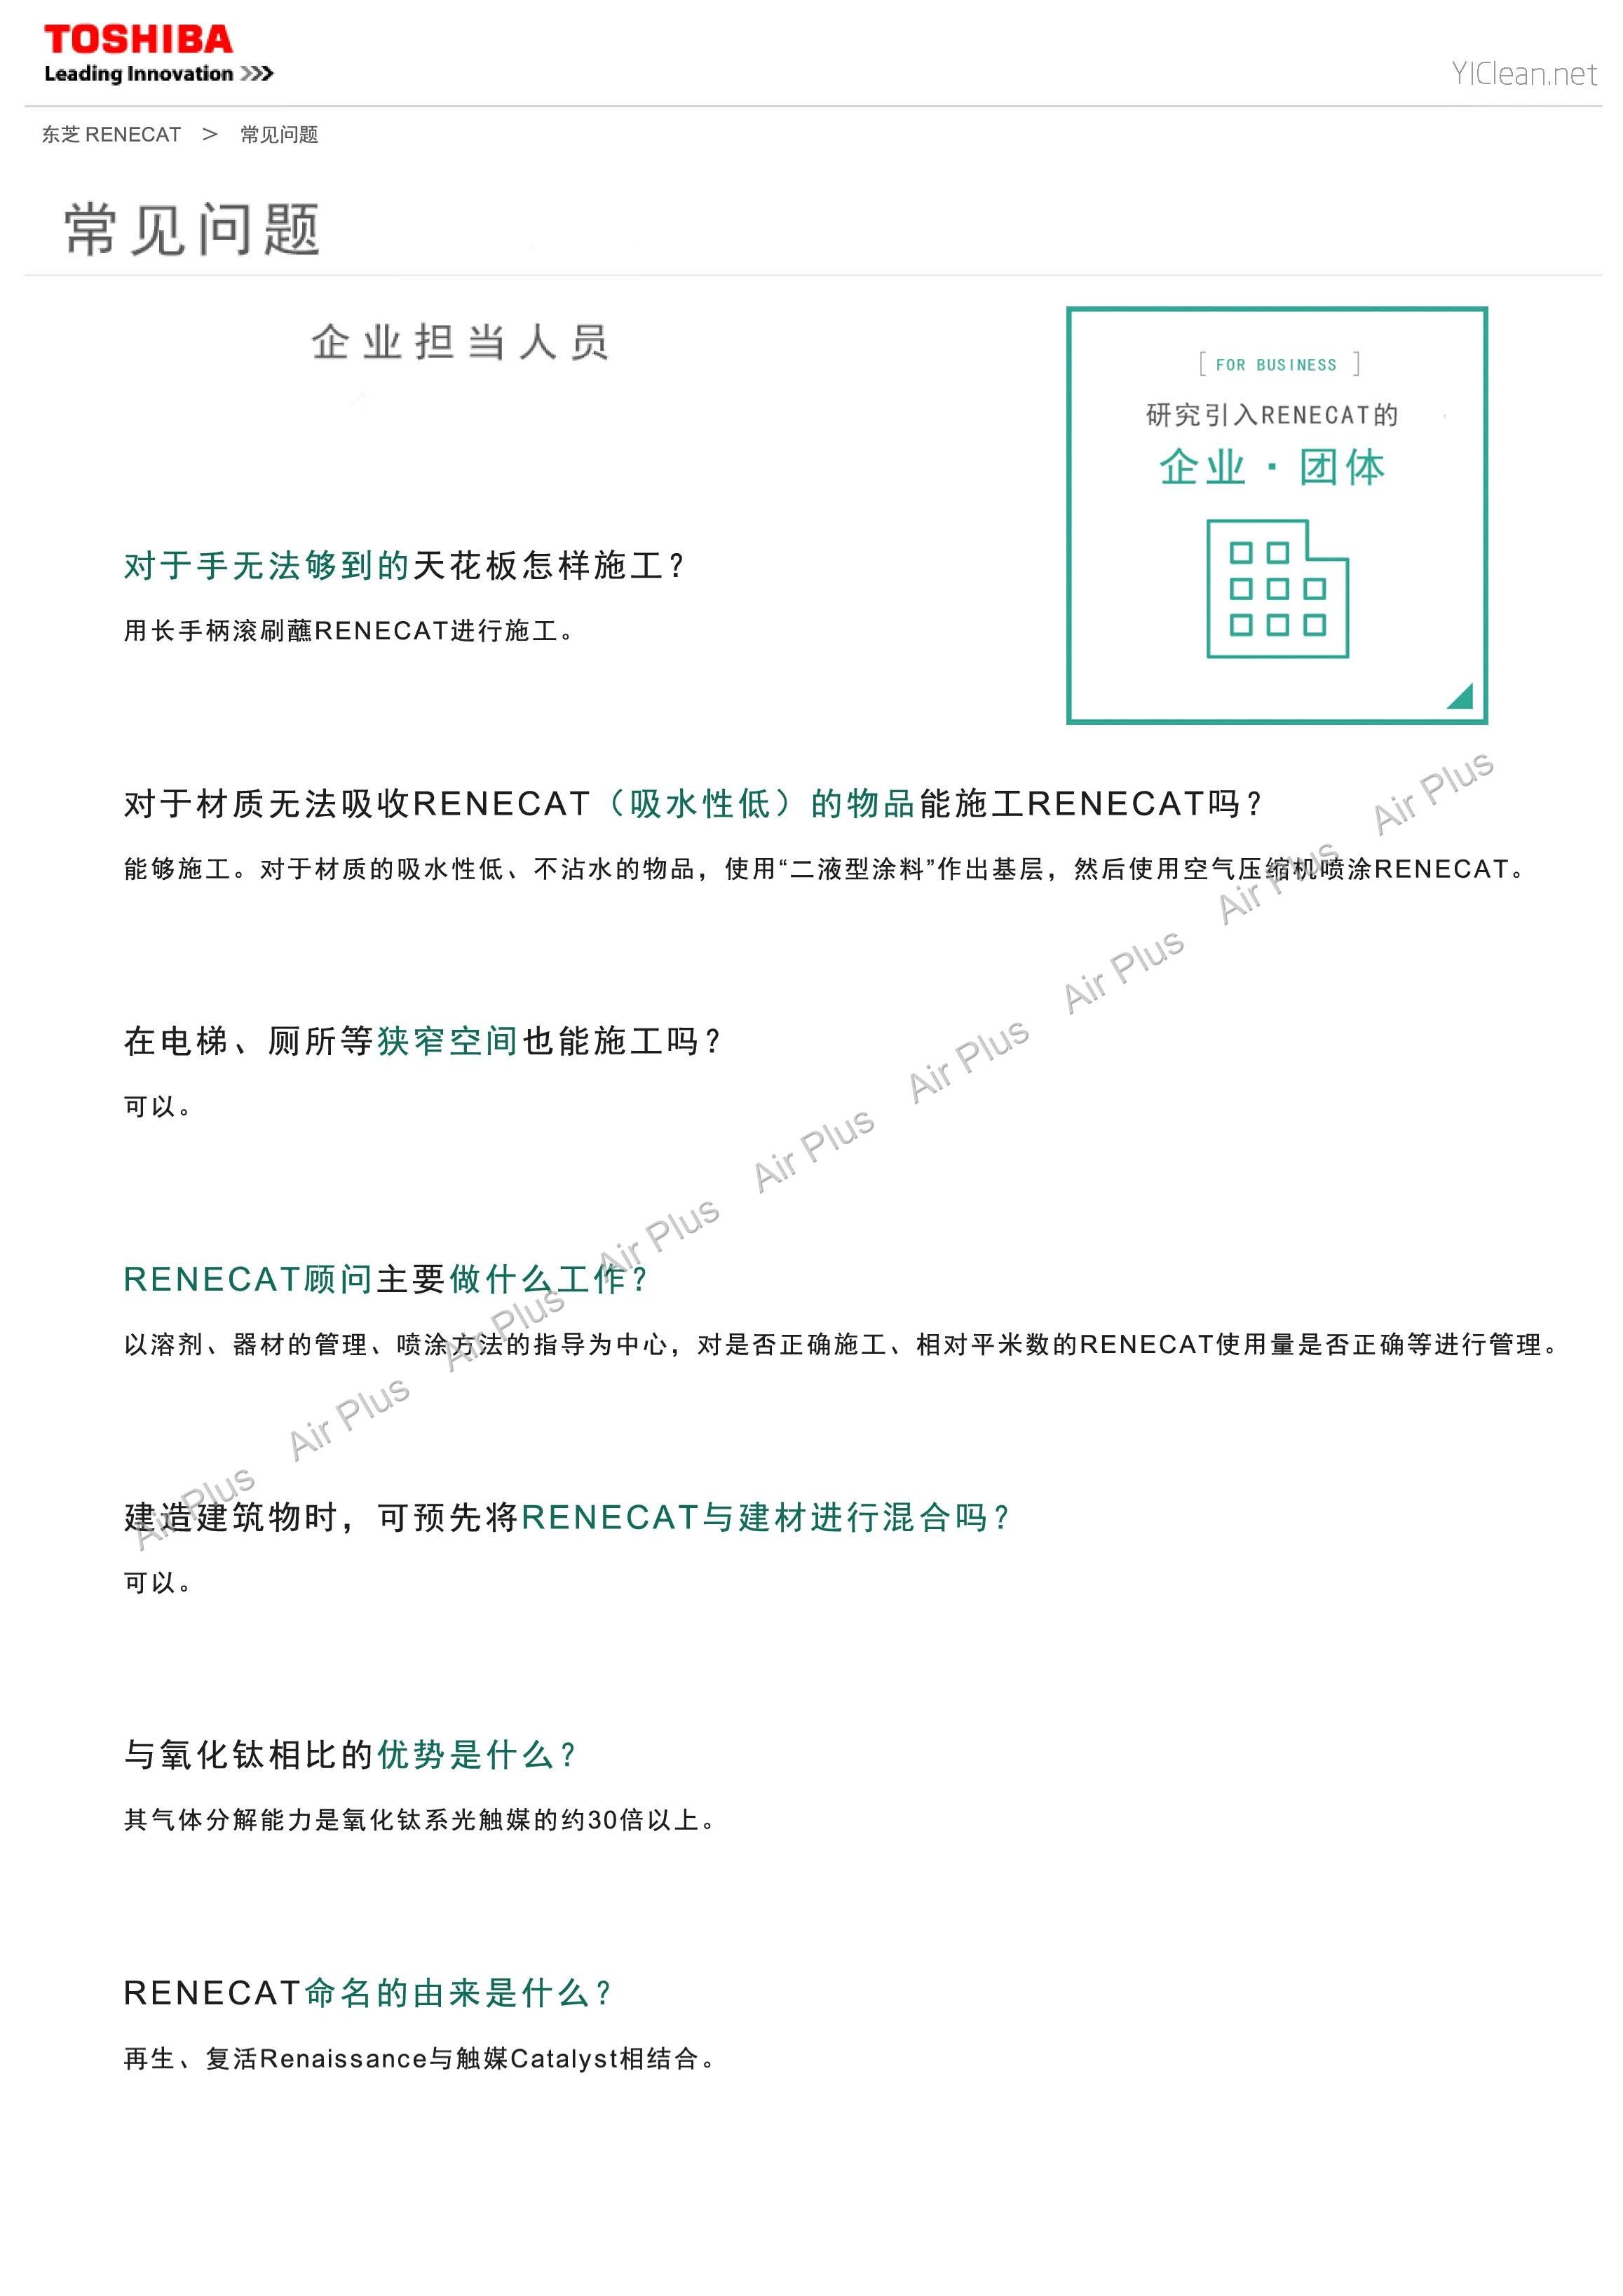 (中文)TOSHIBA·可视光光触媒 RENECAT☆_页面_17.jpg